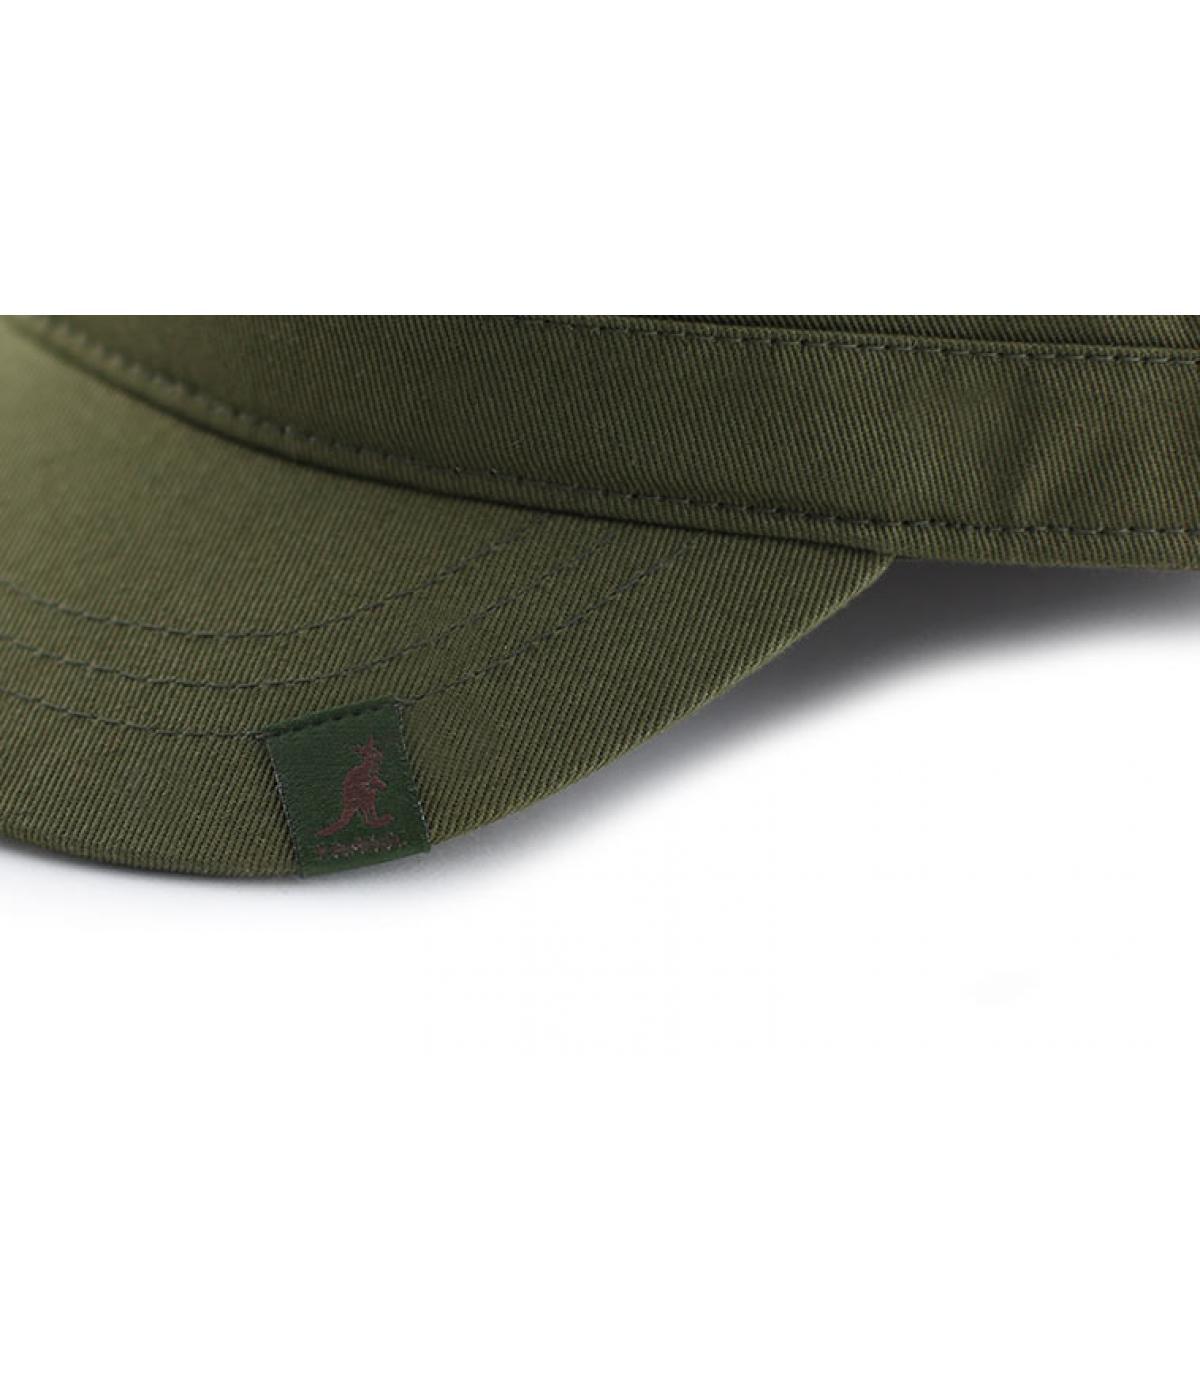 Détails Cotton twill army cap khaki - image 3